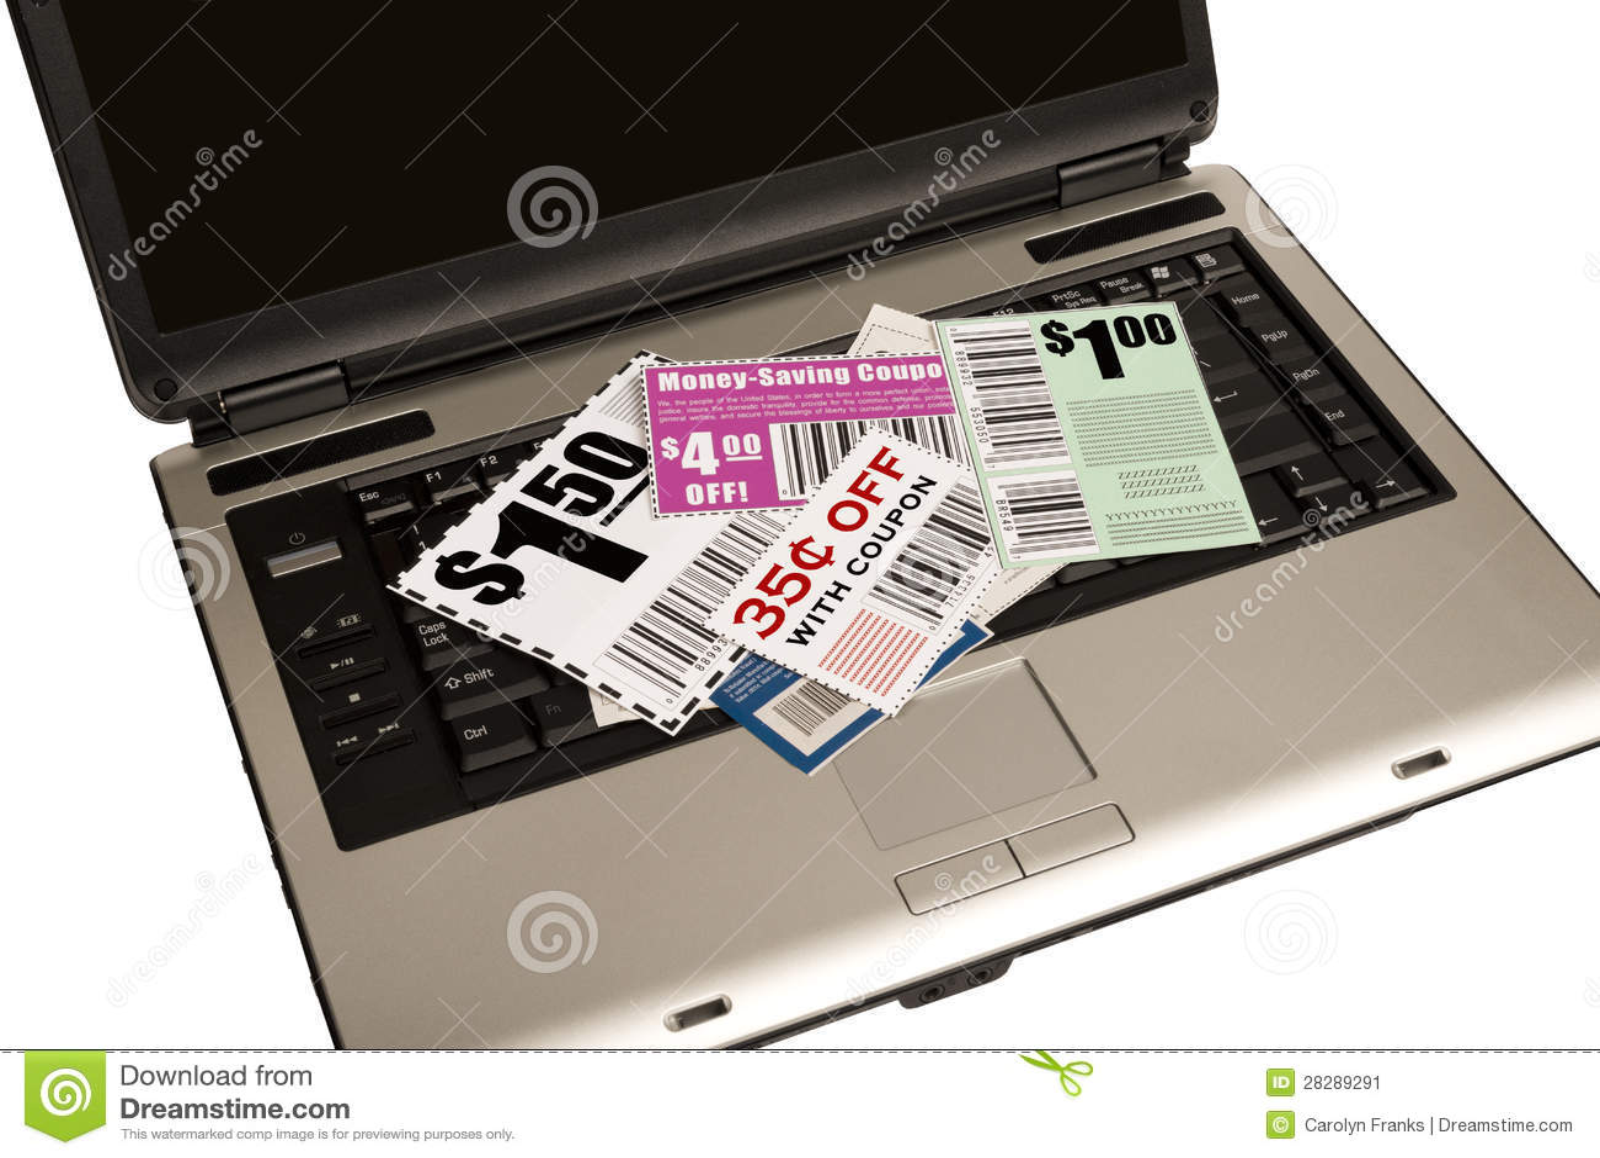 Un ordinateur portable avec des bons représente les bons en ligne XXXL